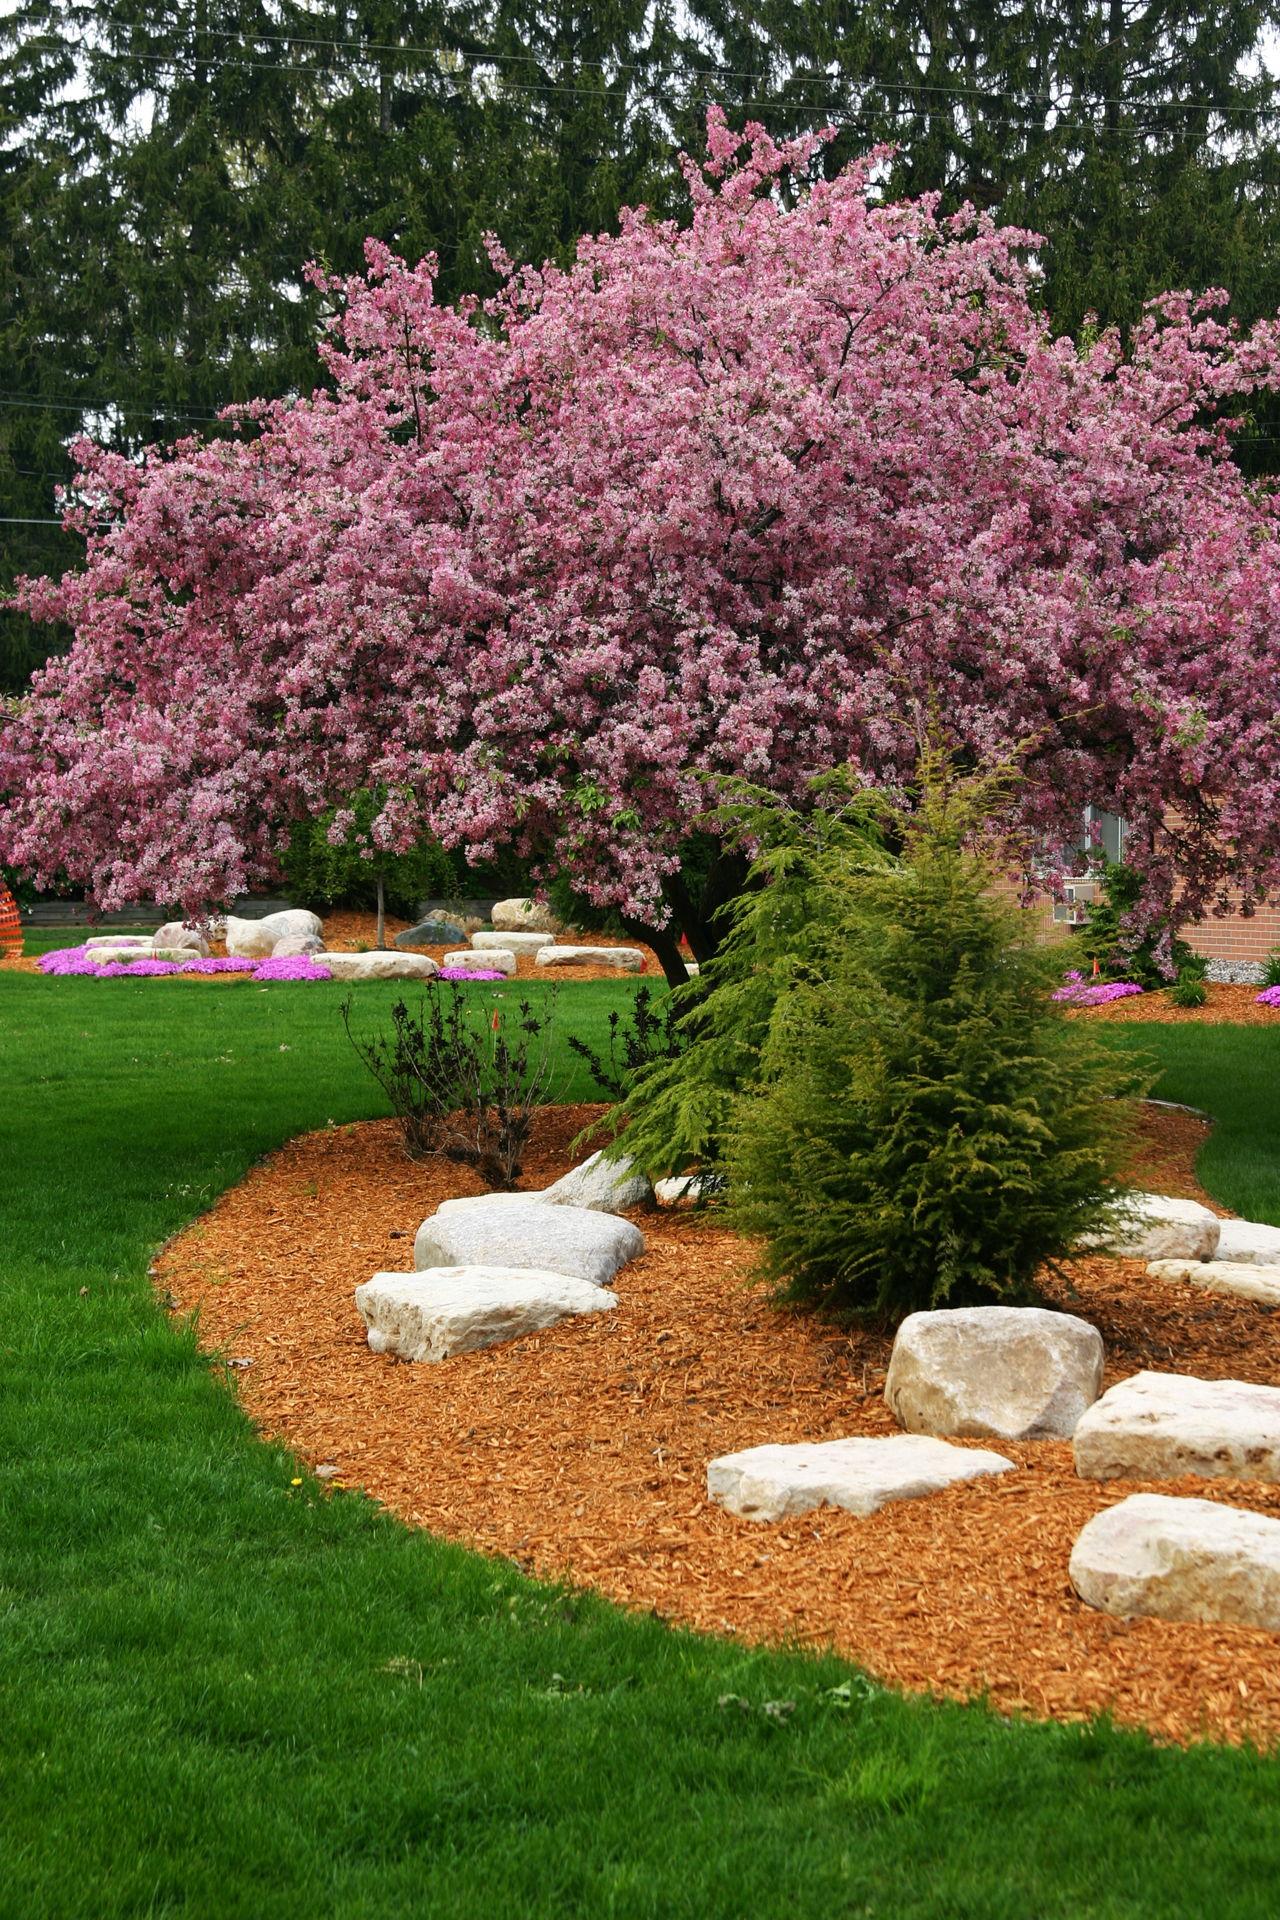 Flower Garden Layout Design Ideas That'll Make Your ...